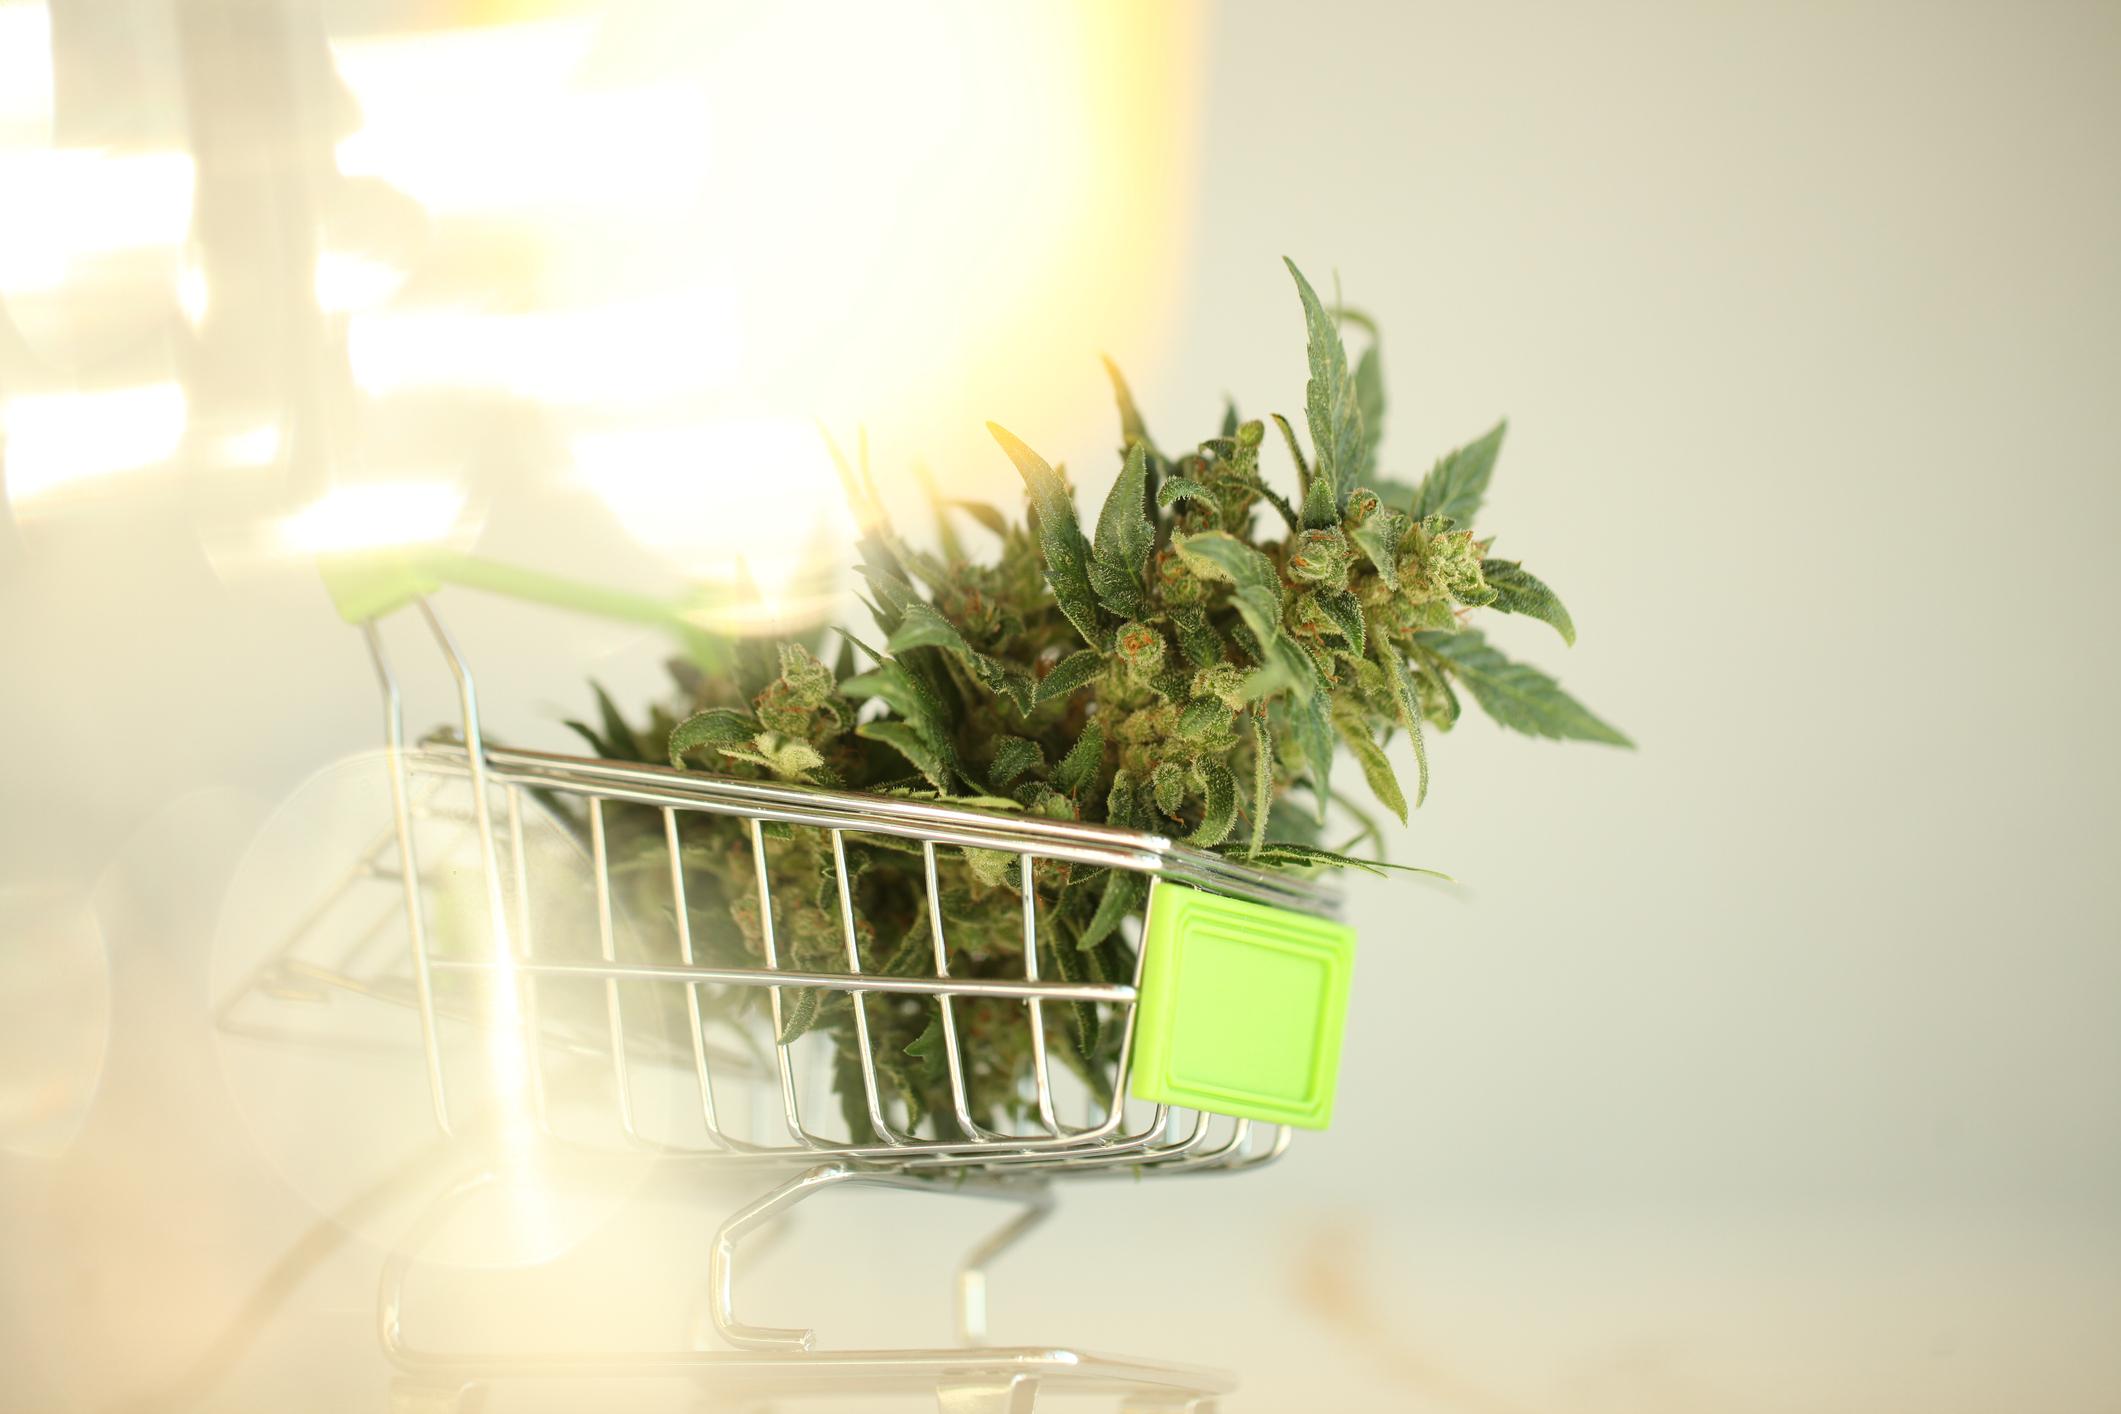 Marijuana flower in a miniature shopping cart.